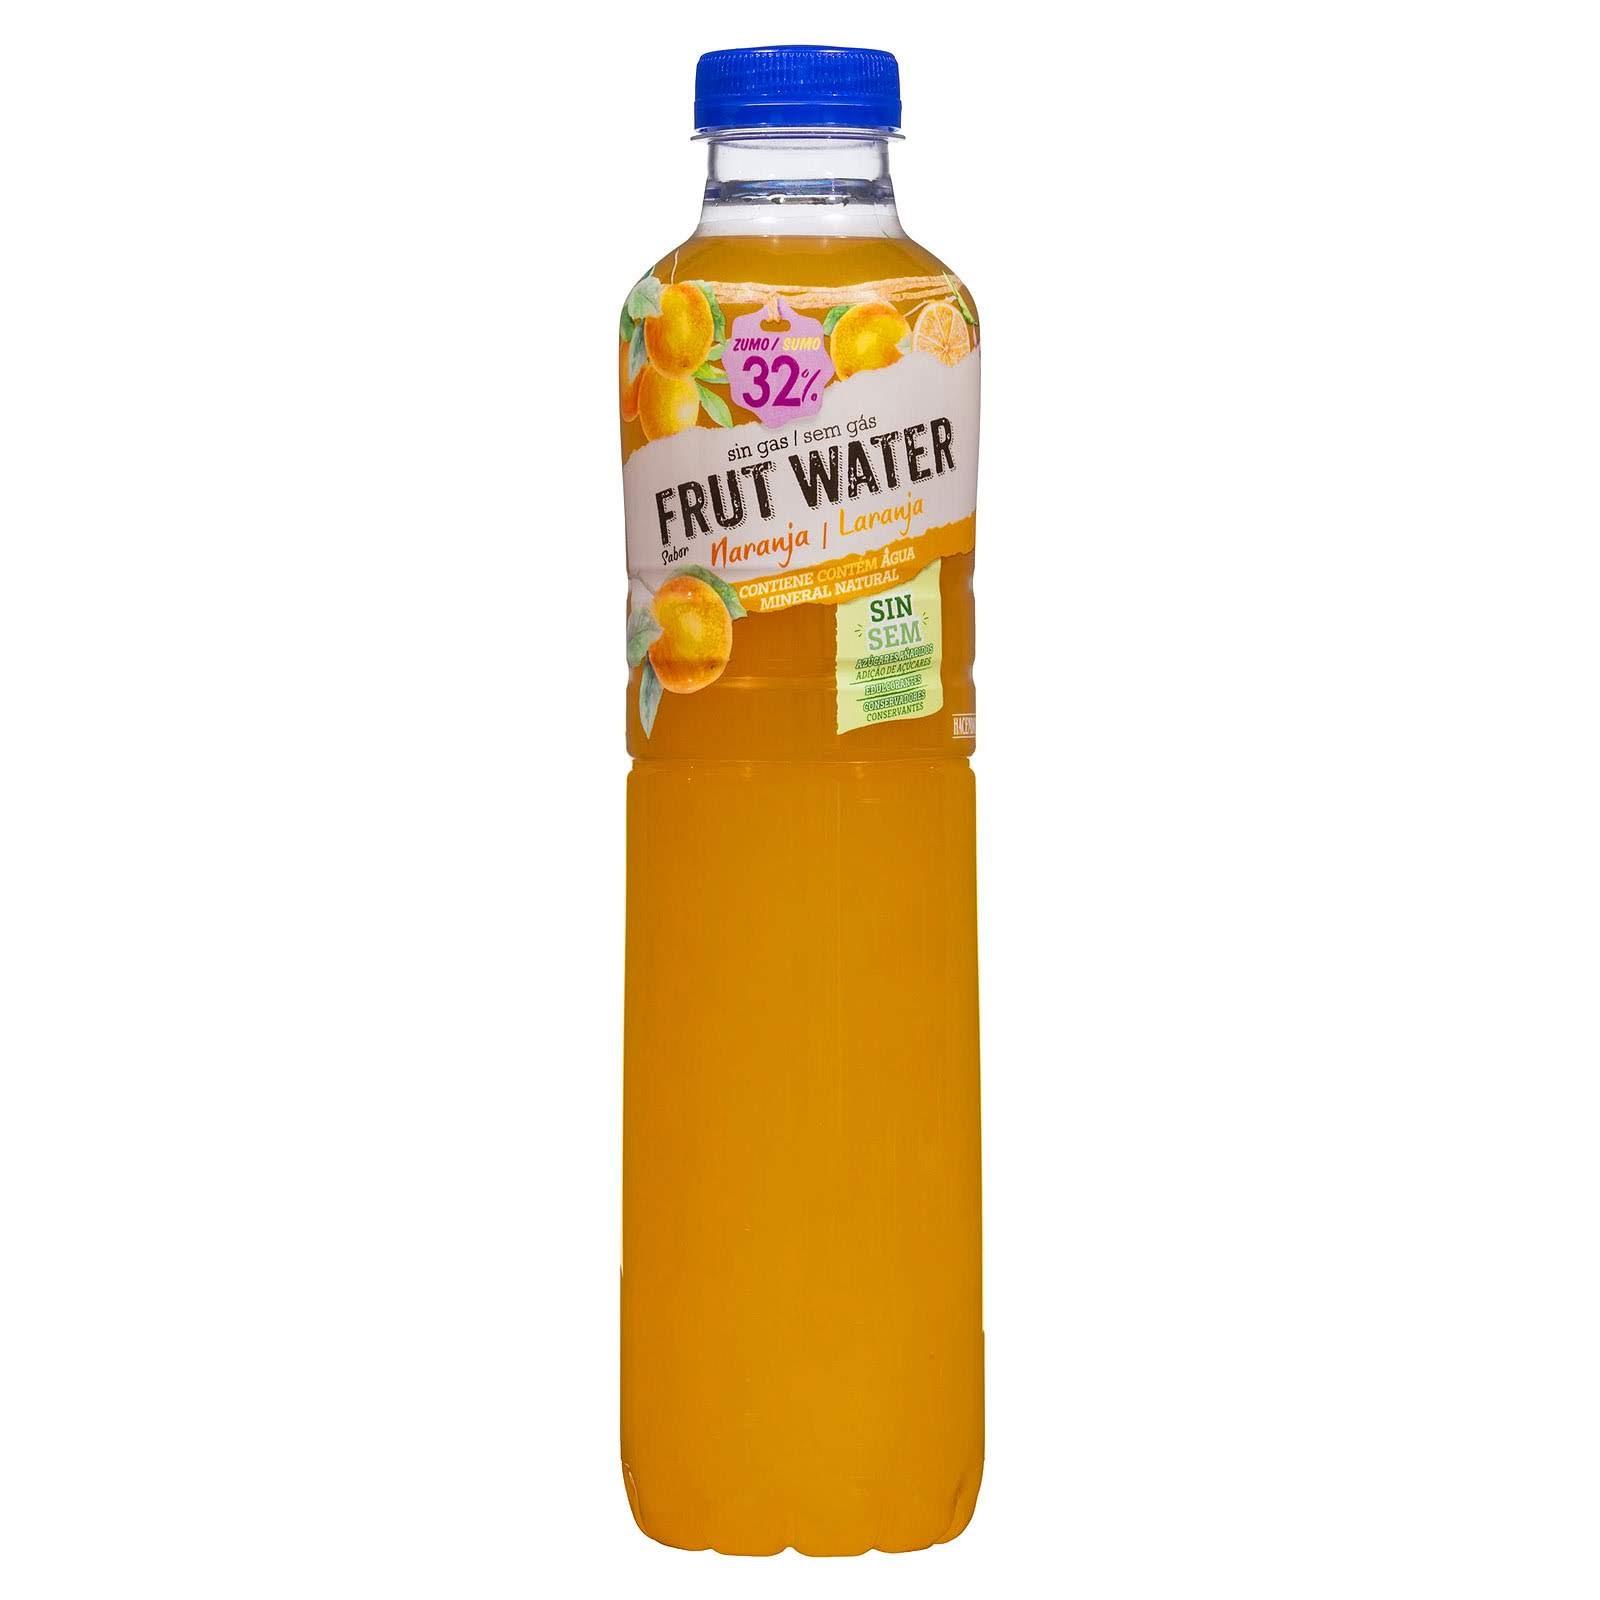 Refresco frut water naranja Hacendado